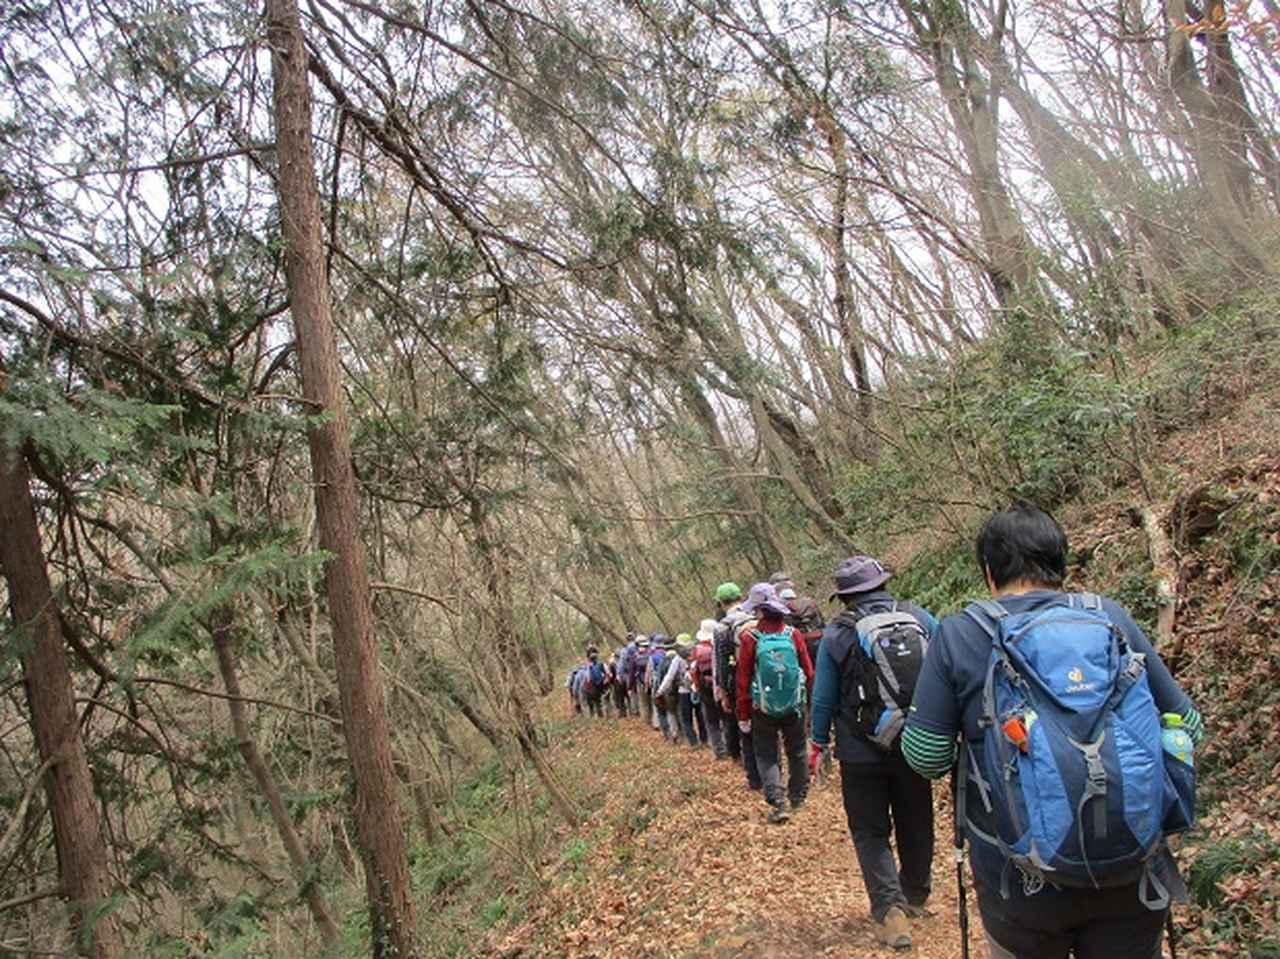 画像13: 3月22日にカタクリで有名な 三かも山 へ行ってきました♪